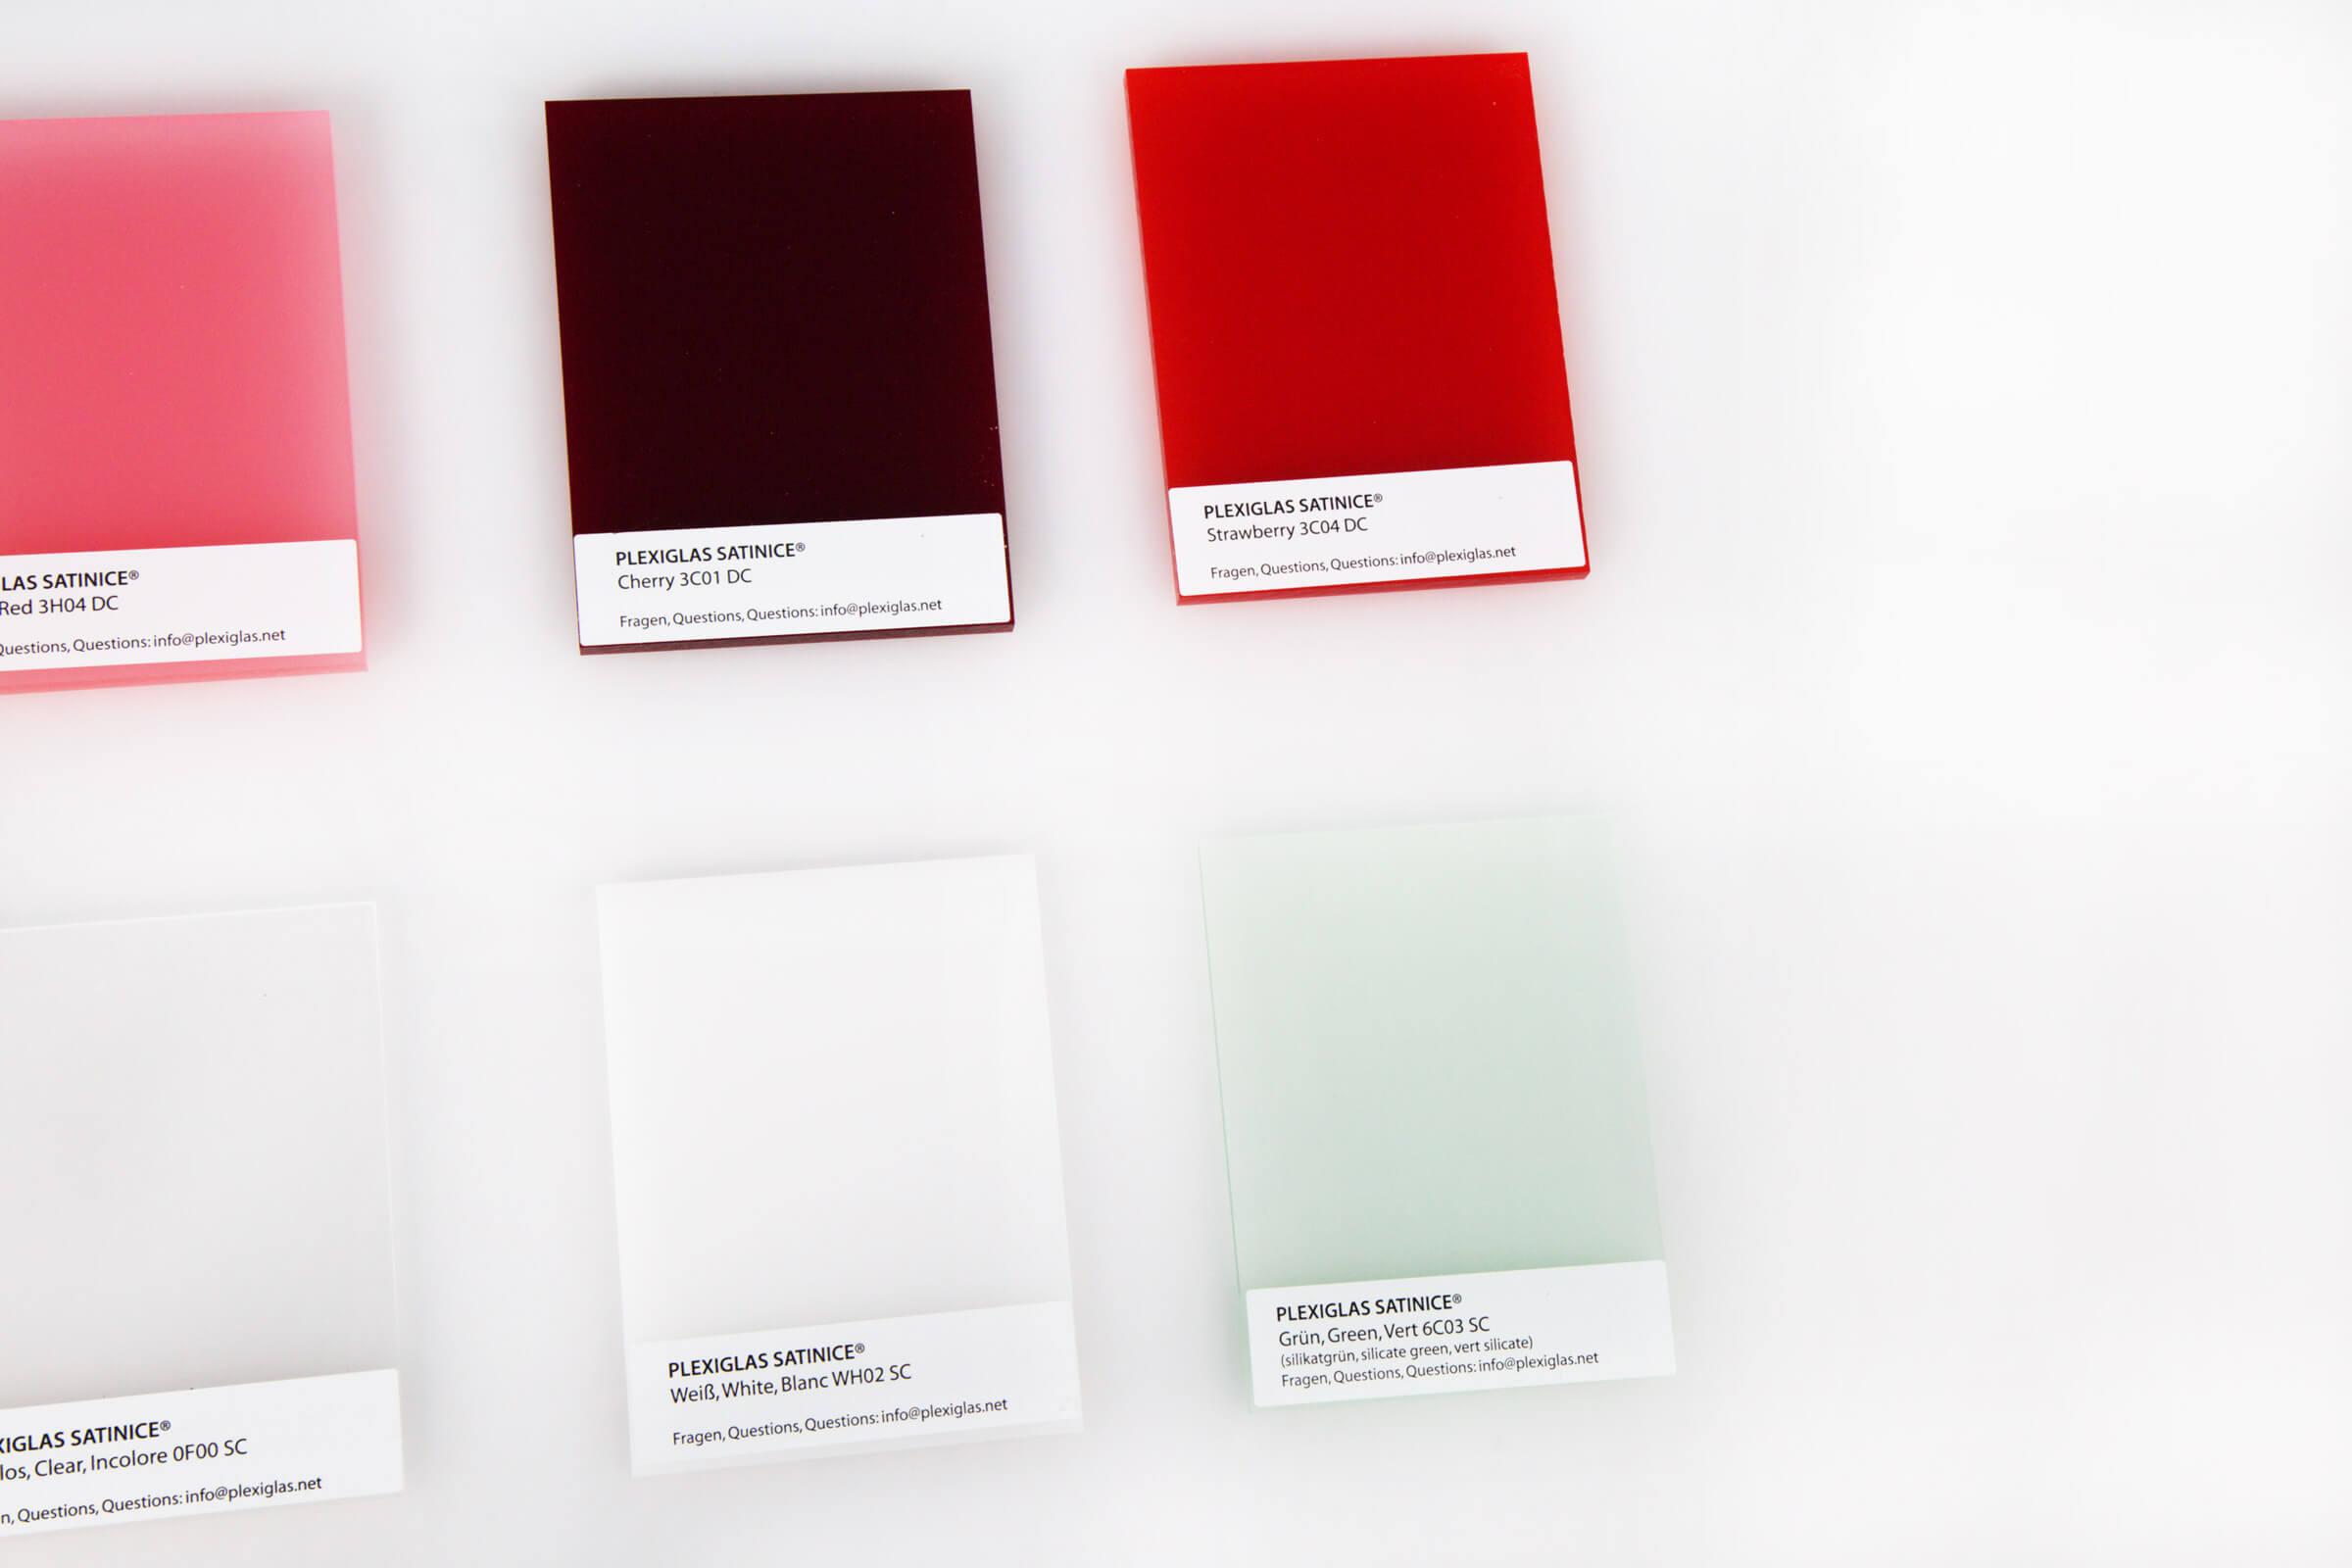 werkstoffe f r ihre produkte kranz kunststofftechnik gmbh ideen aus acrylglas. Black Bedroom Furniture Sets. Home Design Ideas